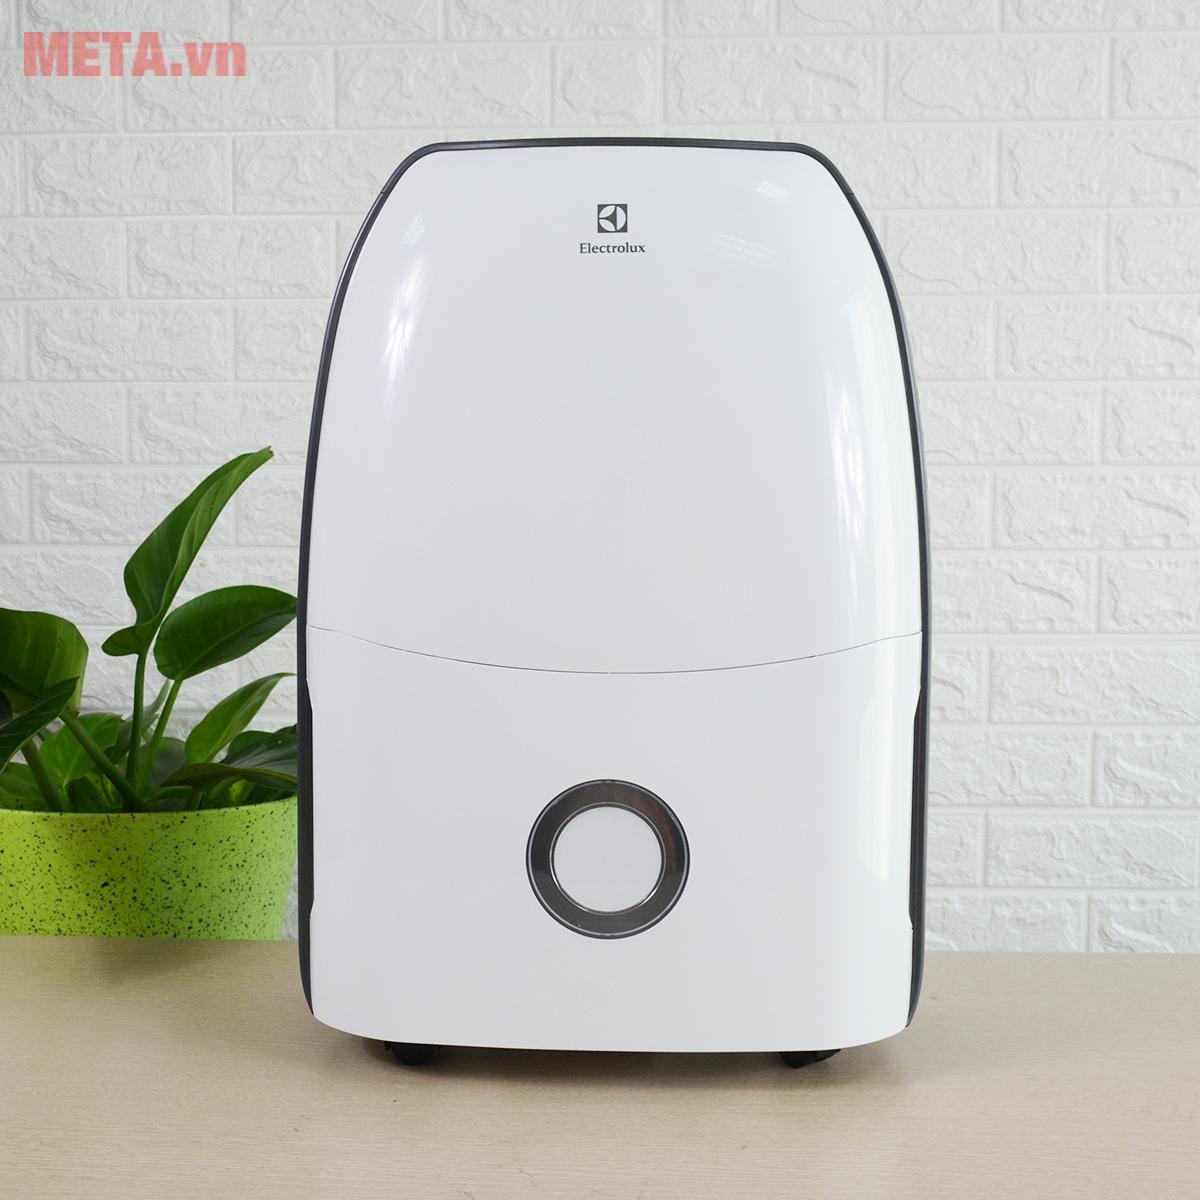 Máy hút ẩm Electrolux EDH12SDAW với thiết kế hiện đại